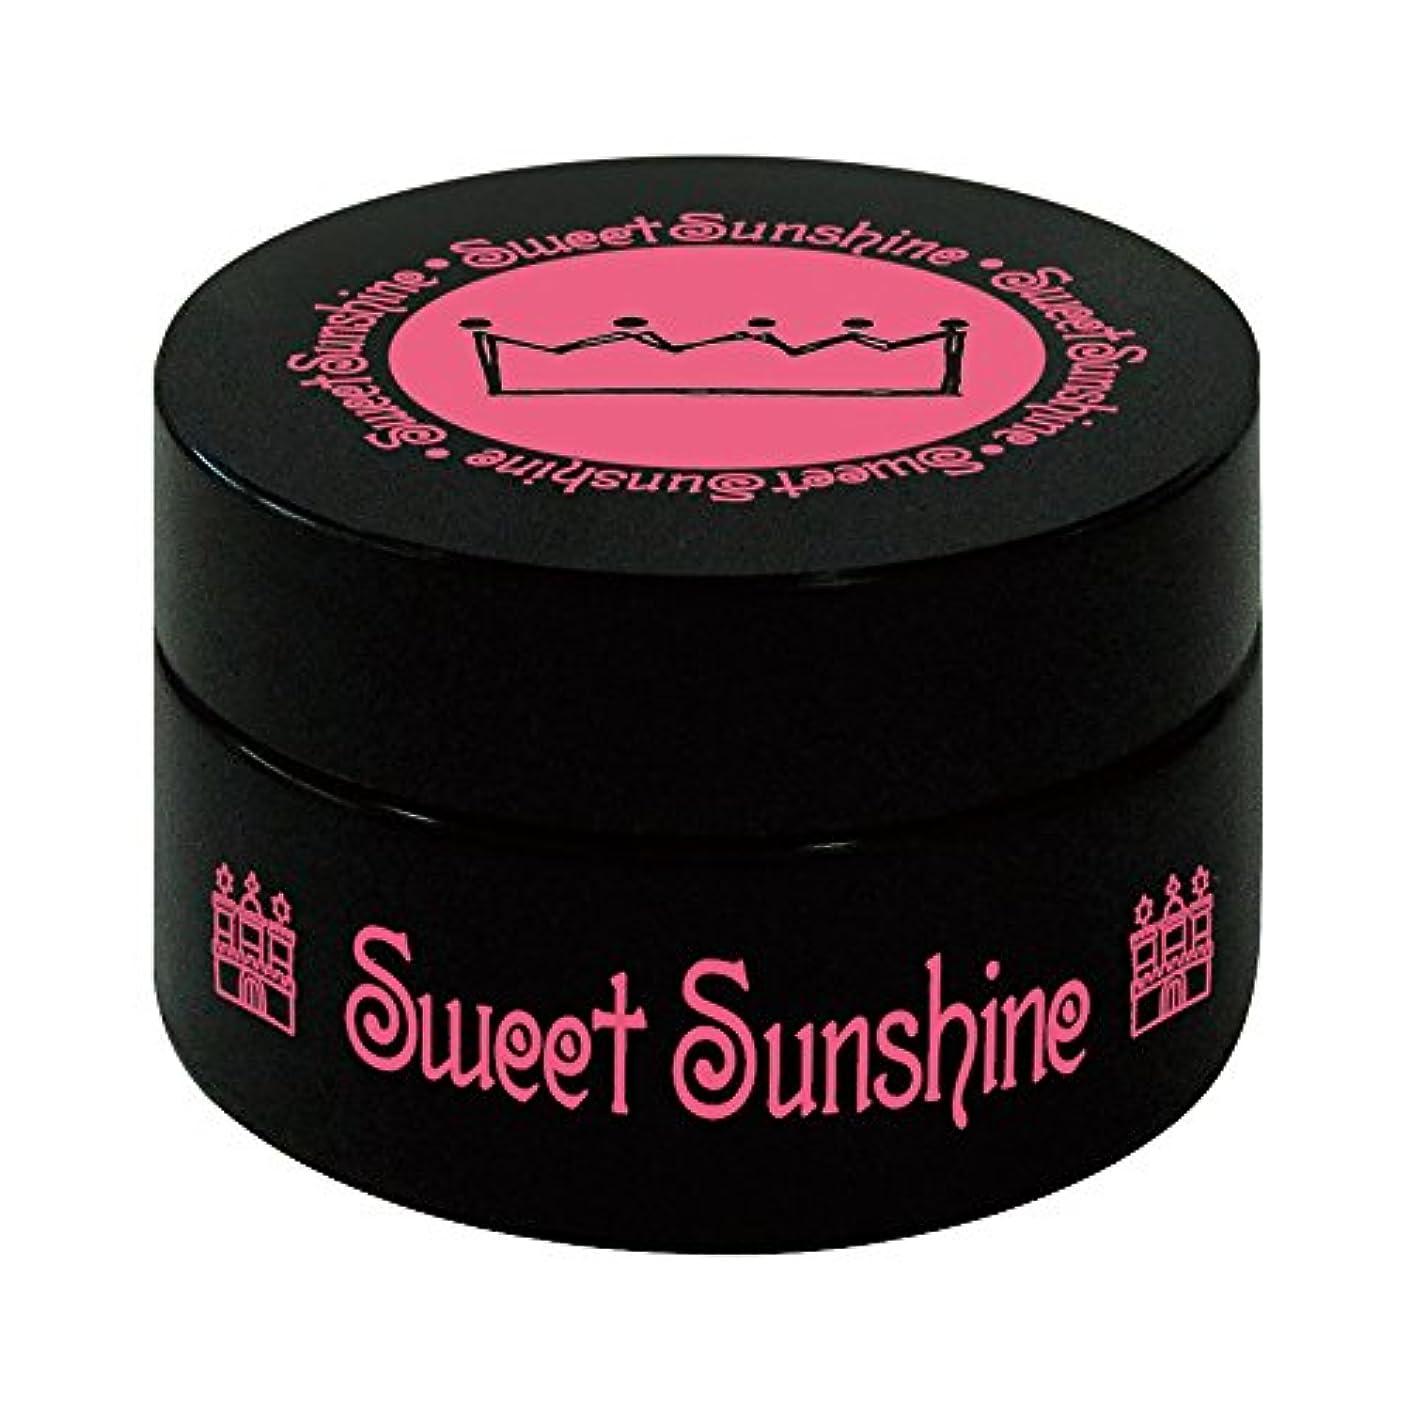 ジュラシックパーク切り離す攻撃最速硬化LED対応 Sweet Sunshine スィート サンシャイン カラージェル NS-7 4g ラッシュメドウ